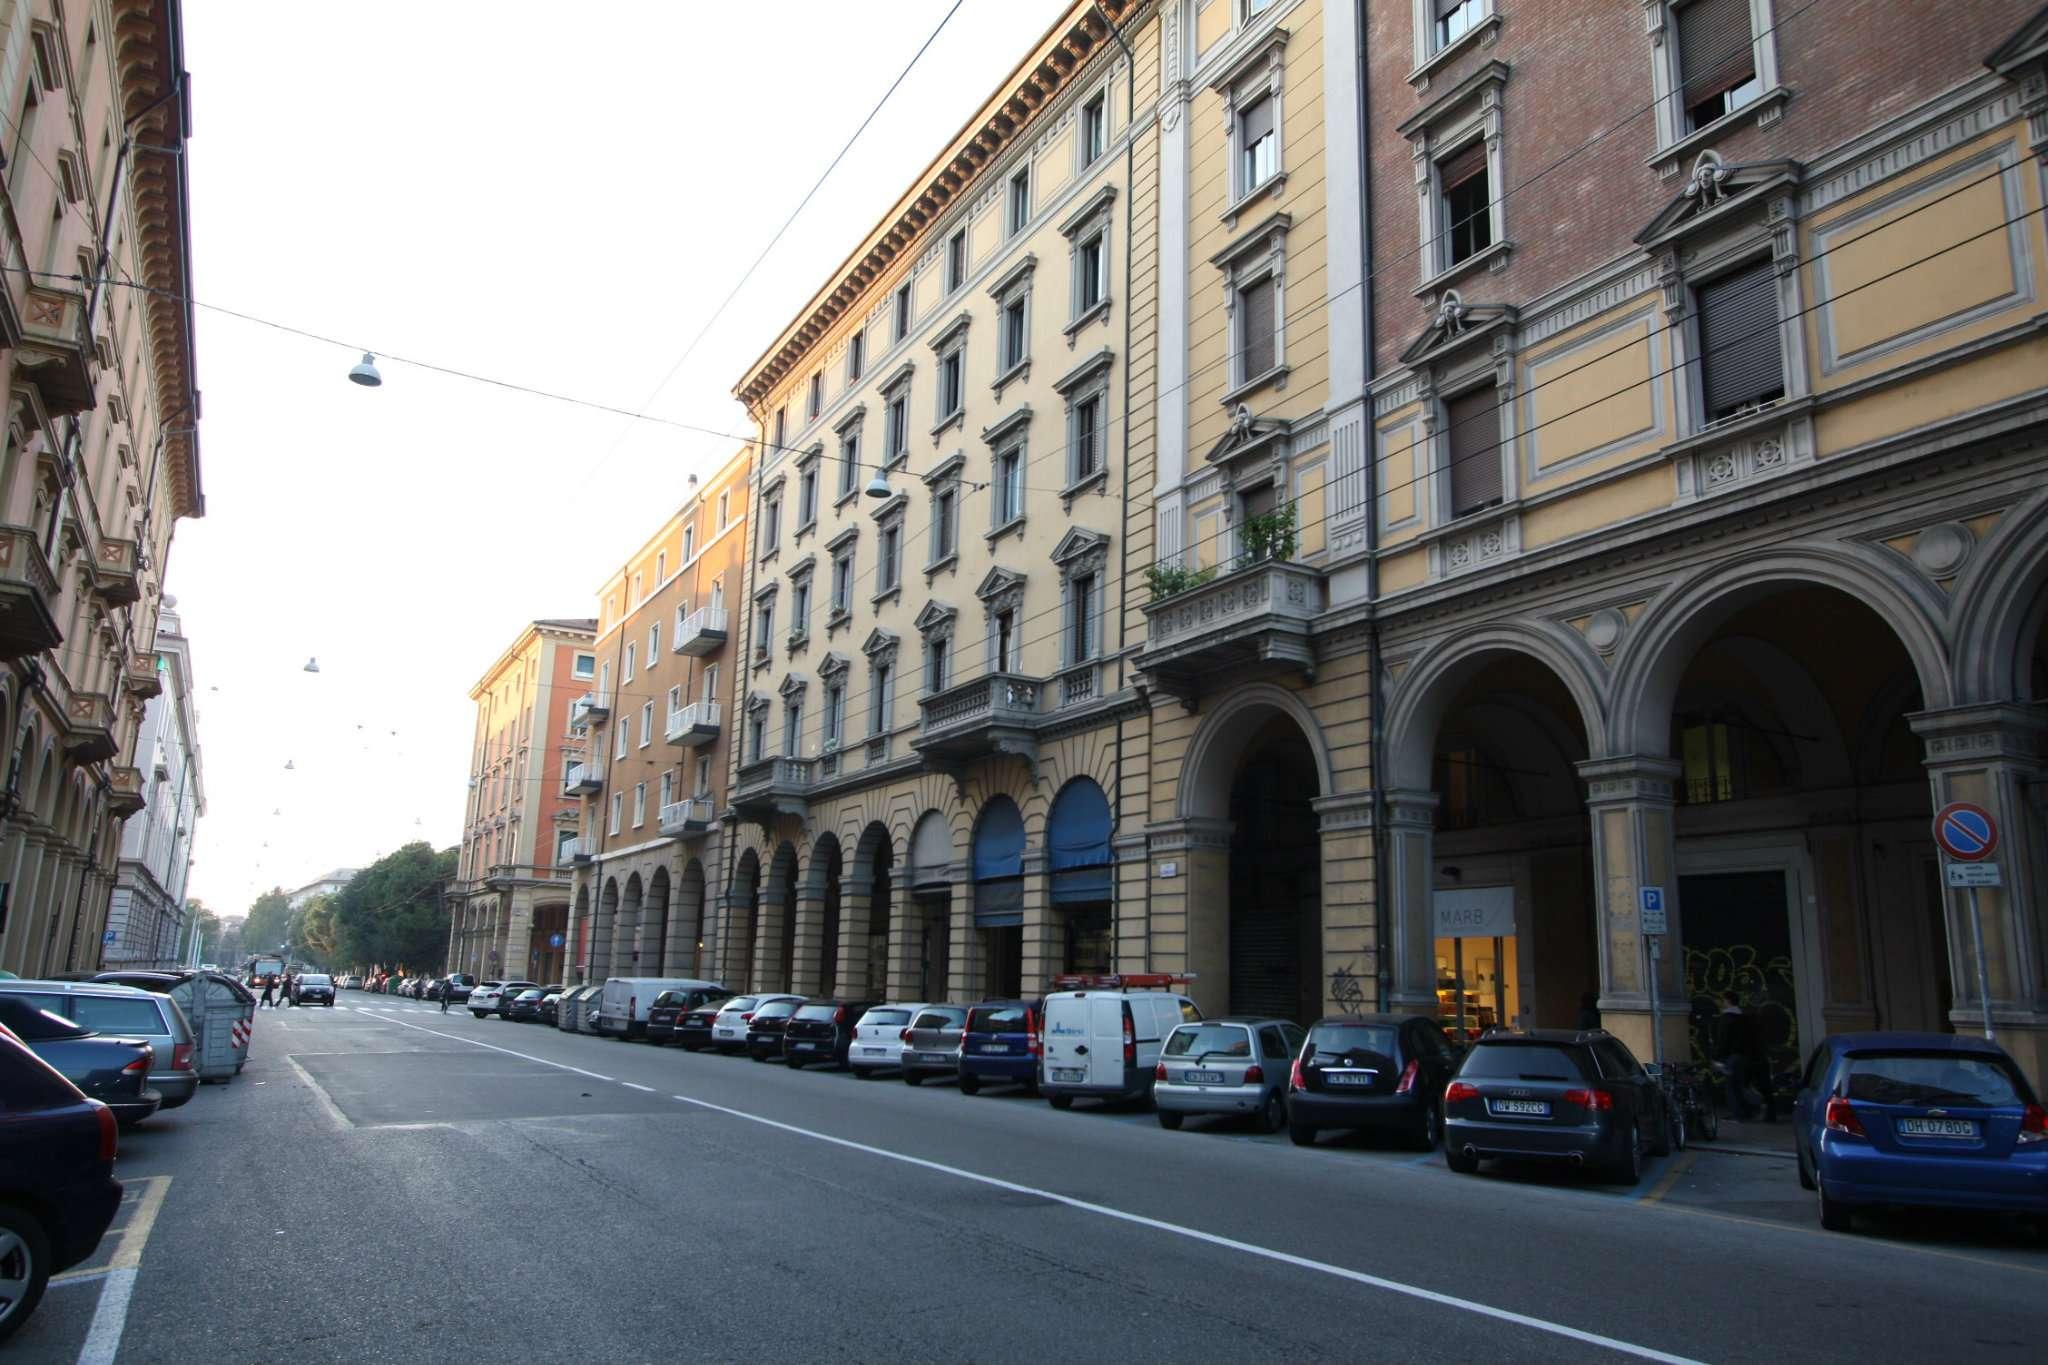 Negozio / Locale in affitto a Bologna, 2 locali, zona Zona: 1 . Centro Storico, prezzo € 3.300 | Cambio Casa.it